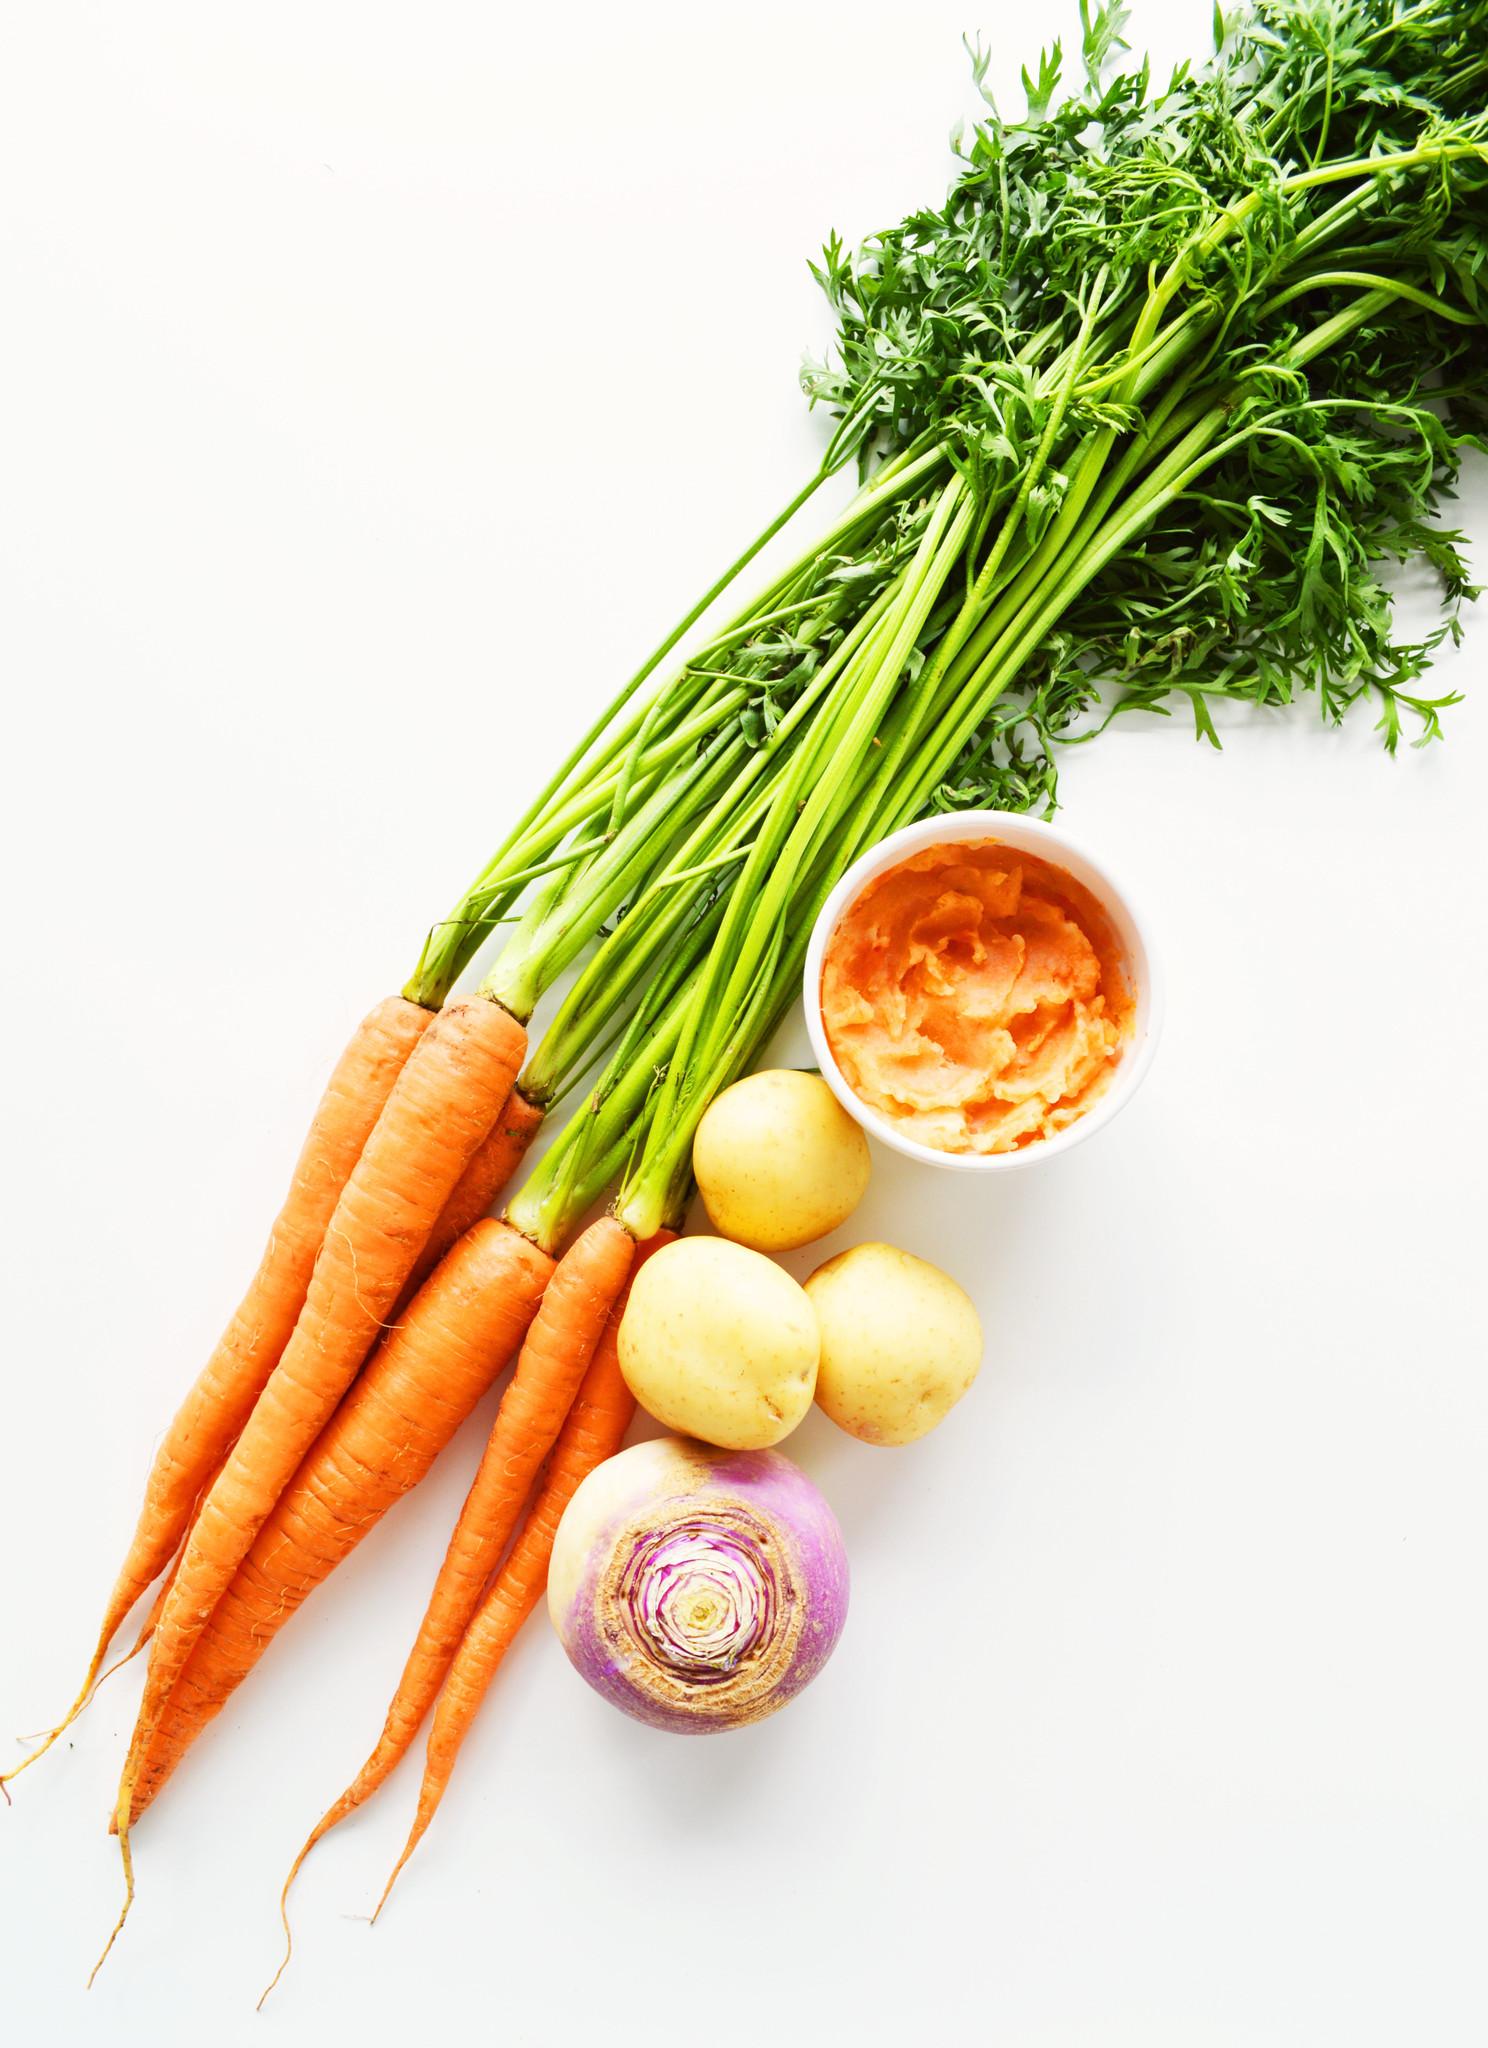 Purée de patates, navets & carottes